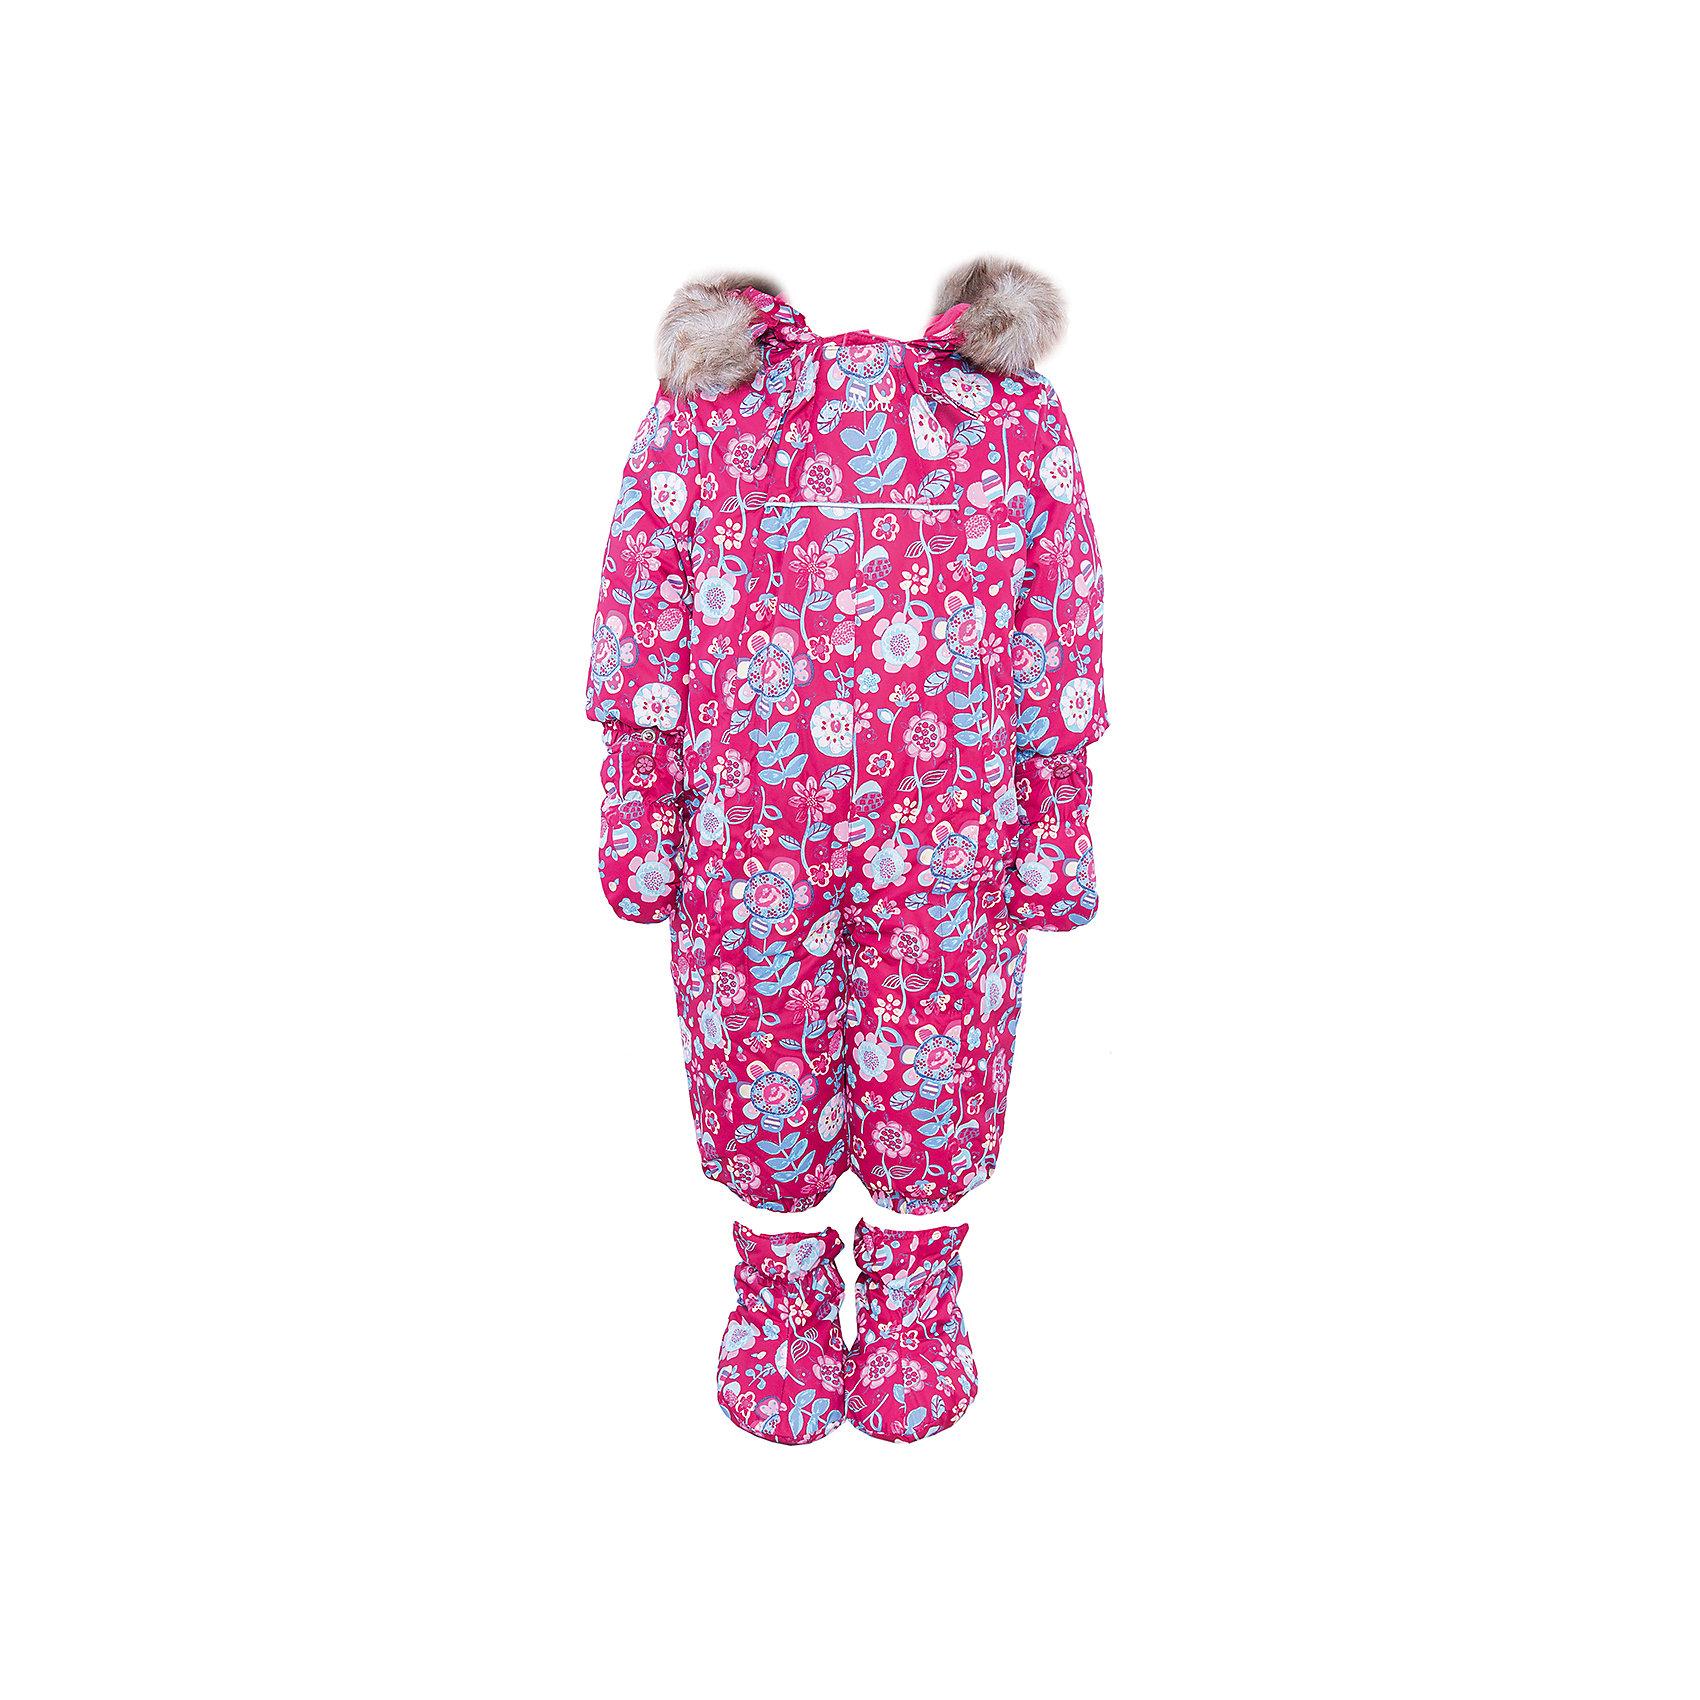 Комбинезон для девочки PremontВерхняя одежда<br>Комбинезон для девочки от известного бренда Premont .<br>В сезоне 2016-2017 цветочный принт продолжает оставаться на пике популярности среди мировых брендов. Дизайнеры Premont всегда следуют модным тенденциям и поэтому выпустили свой новый хит «Фестиваль цветов». Данный принт посвящен канадскому фестивалю цветов, который ежегодно проходит в Оттаве и радует сотни тысяч посетителей.<br>Состав:<br>Ткань верха: мембрана 5000мм/5000г/м2/24h, Taslan<br>Подклад: Velour (тело, капюшон, манжеты), Taffeta (рукава, брючины) <br>Утеплитель: Tech-polyfill (280г)<br><br>Ширина мм: 356<br>Глубина мм: 10<br>Высота мм: 245<br>Вес г: 519<br>Цвет: красный<br>Возраст от месяцев: 6<br>Возраст до месяцев: 9<br>Пол: Женский<br>Возраст: Детский<br>Размер: 74,92,68,80,86<br>SKU: 4996661